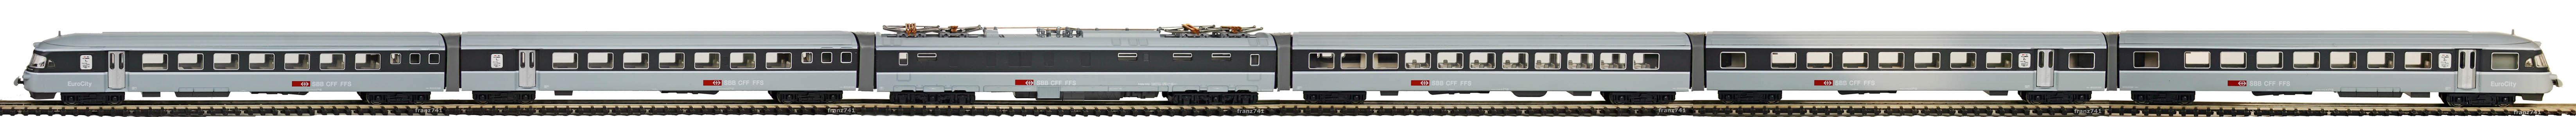 Epoche-IV-SBB-EC-Graue-Maus_RABe-4-26-Triebwagenzug